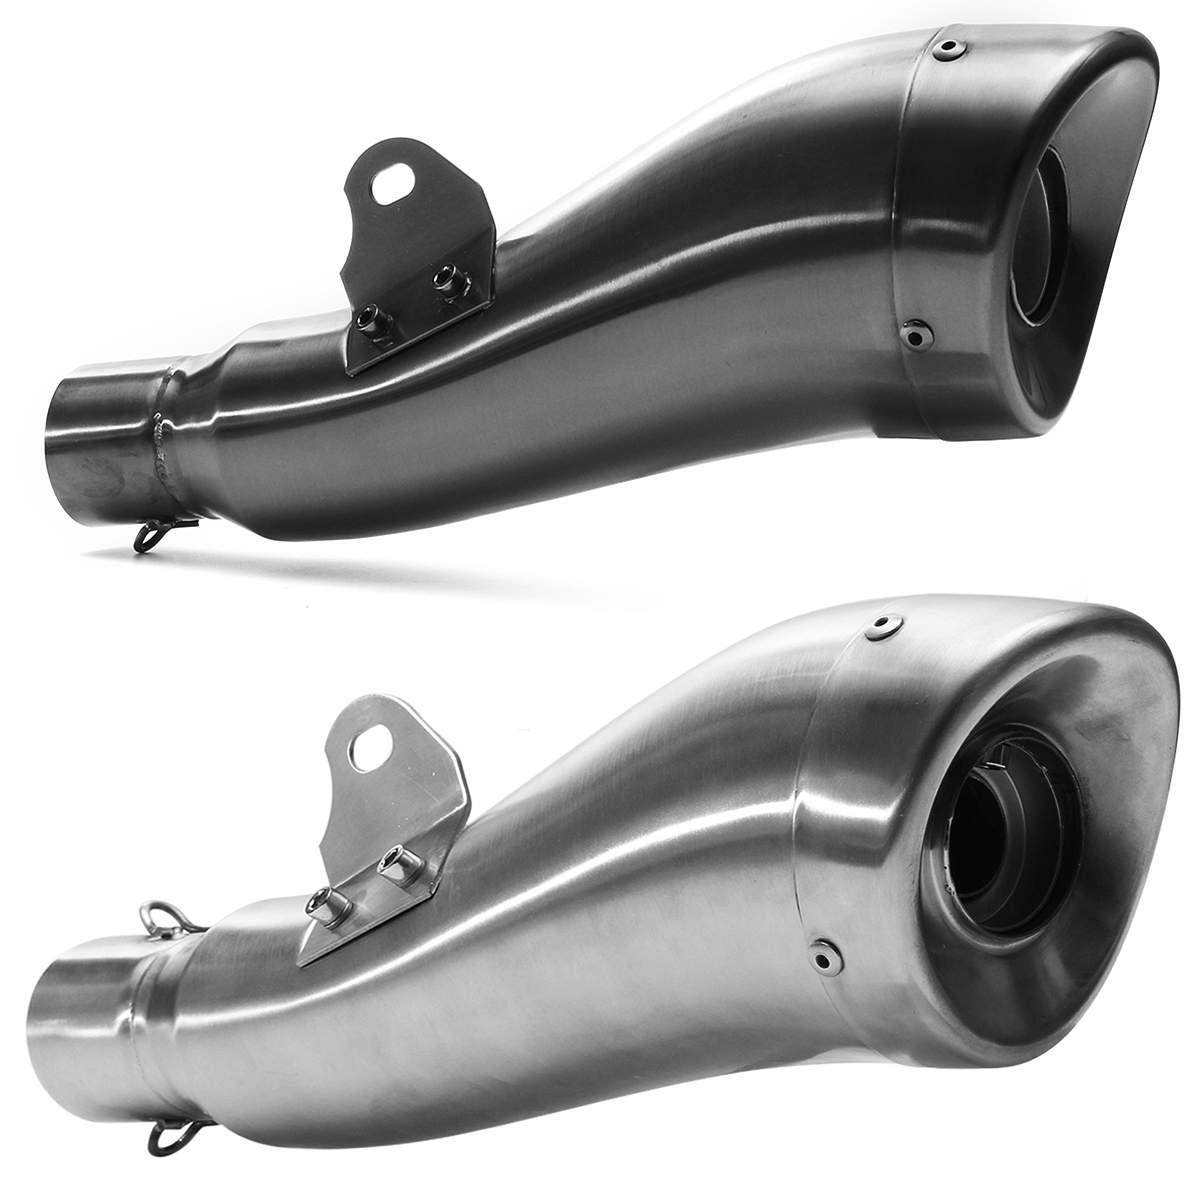 36-51mm dauphin forme moto moto ATV en acier inoxydable GP pot d'échappement tuyau sans lacet trompette Type universel pour Honda